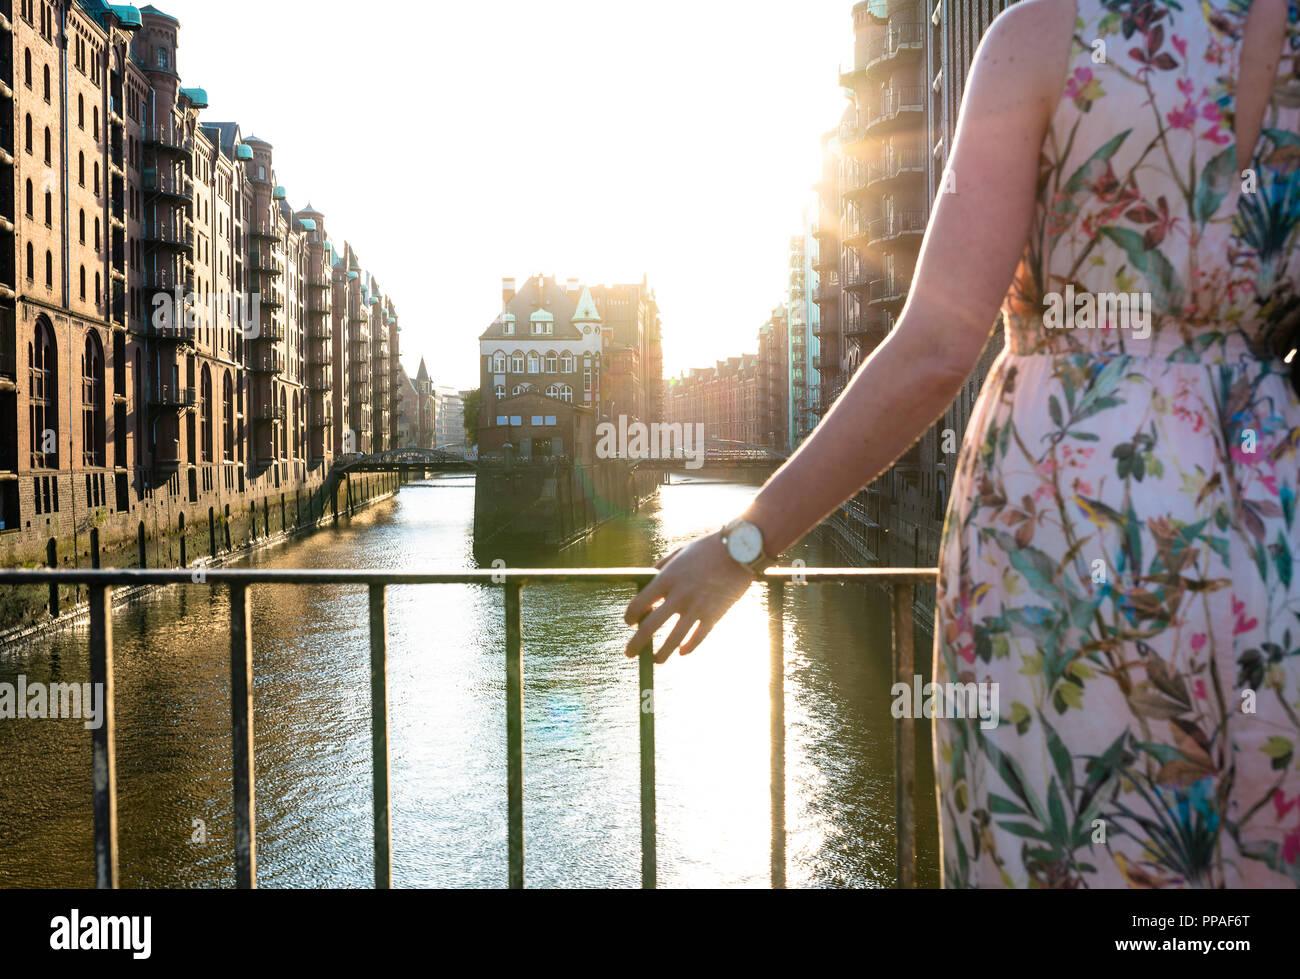 Vista trasera parcial de la mujer en el puente contra edificios históricos y canal Foto de stock